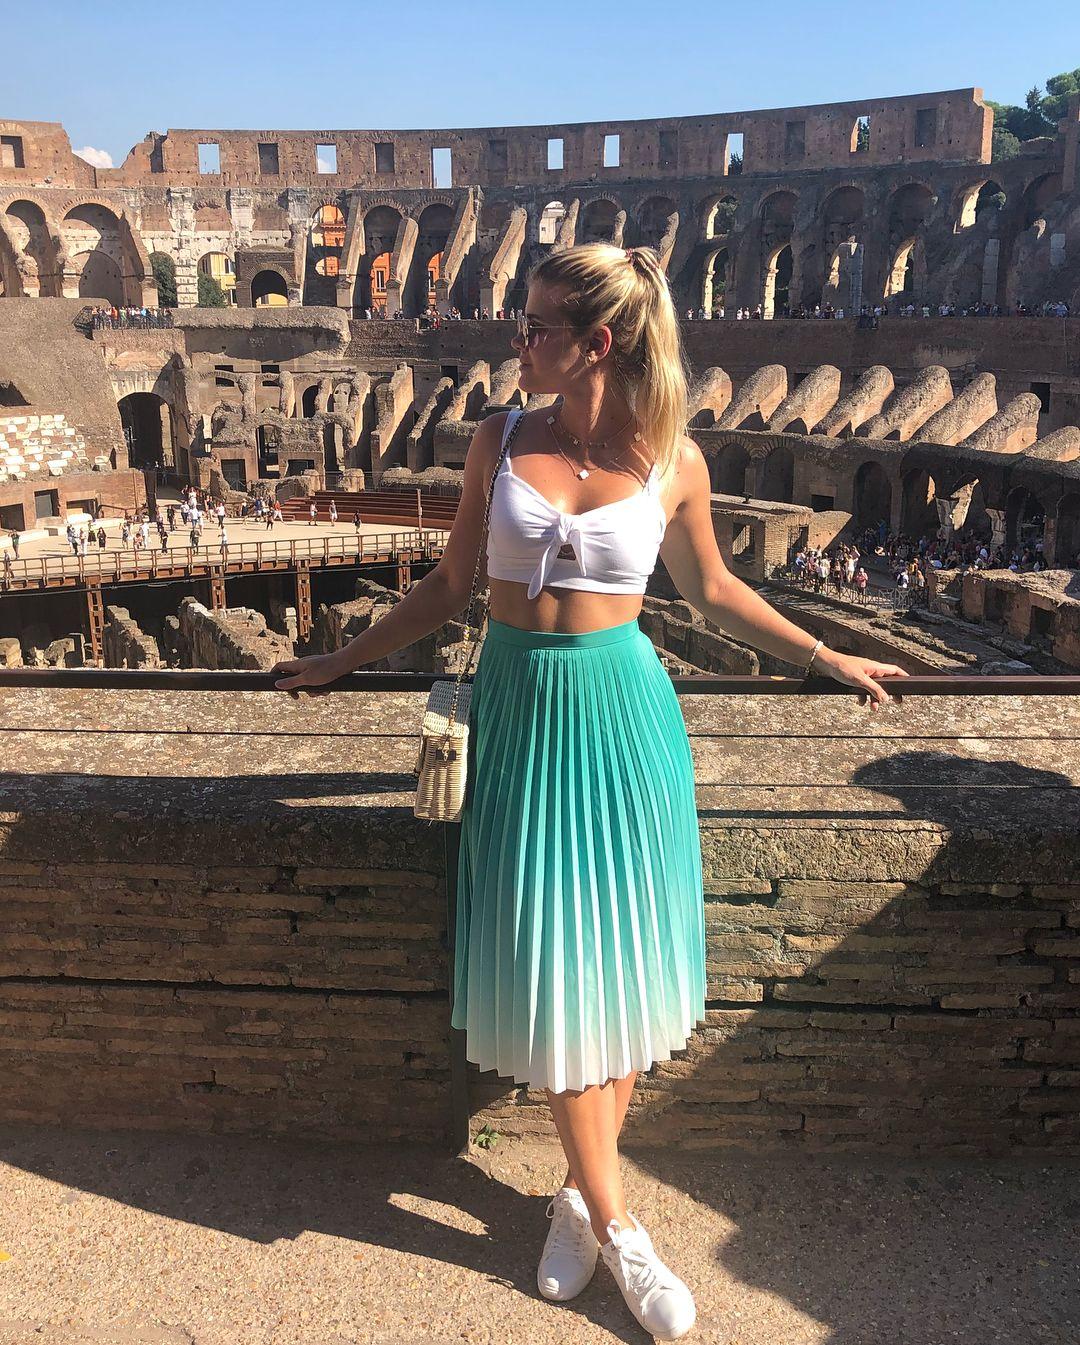 """Brenda Queiroz on Instagram """"O Coliseu é incrível  A gente viaja imaginando tudo que já aconteceu la dentro, né ! Parada obrigatória aqui em Roma  Comprem o ticket…"""" is part of Fashion - 4,629 Likes, 80 Comments  Brenda Queiroz (@queirozbrenda) on Instagram """"O Coliseu é incrível  A gente viaja imaginando tudo que já aconteceu la dentro, né ! Parada…"""""""